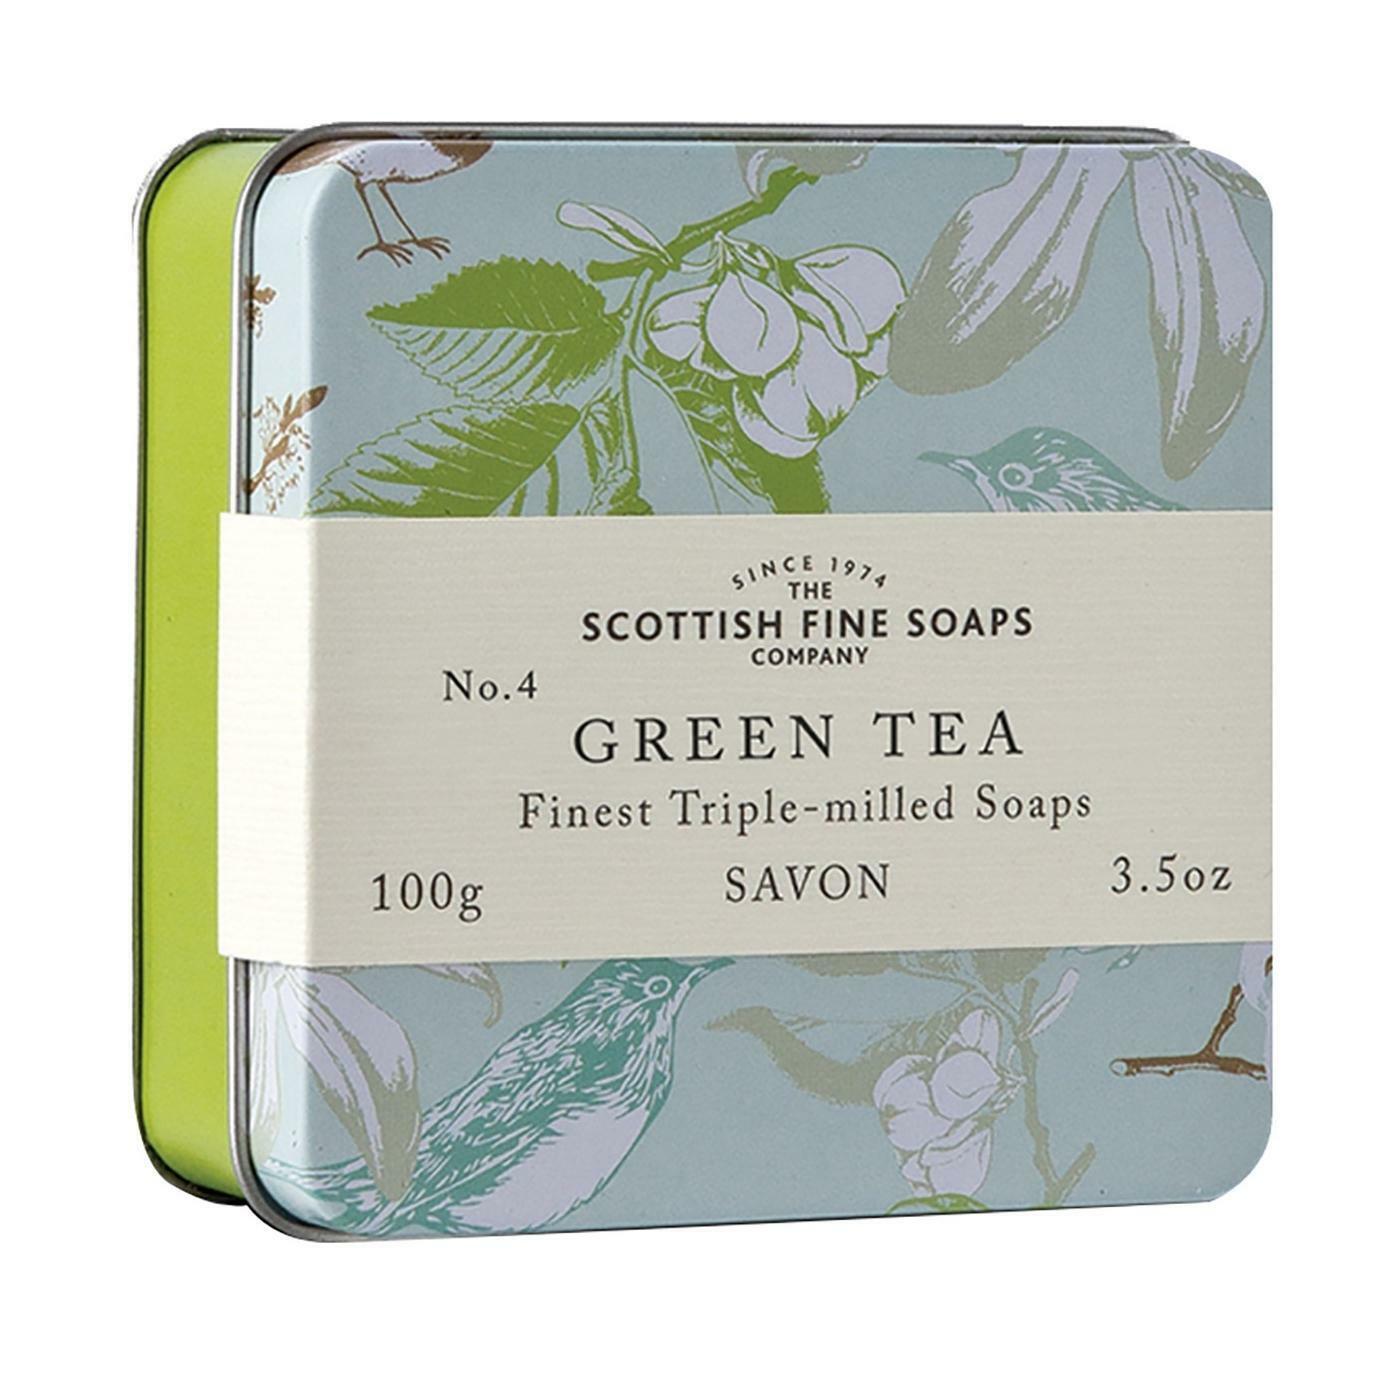 Scottish Fine Soaps Luxury Soap Green Tea Soap in a Tin 100g 3.5oz